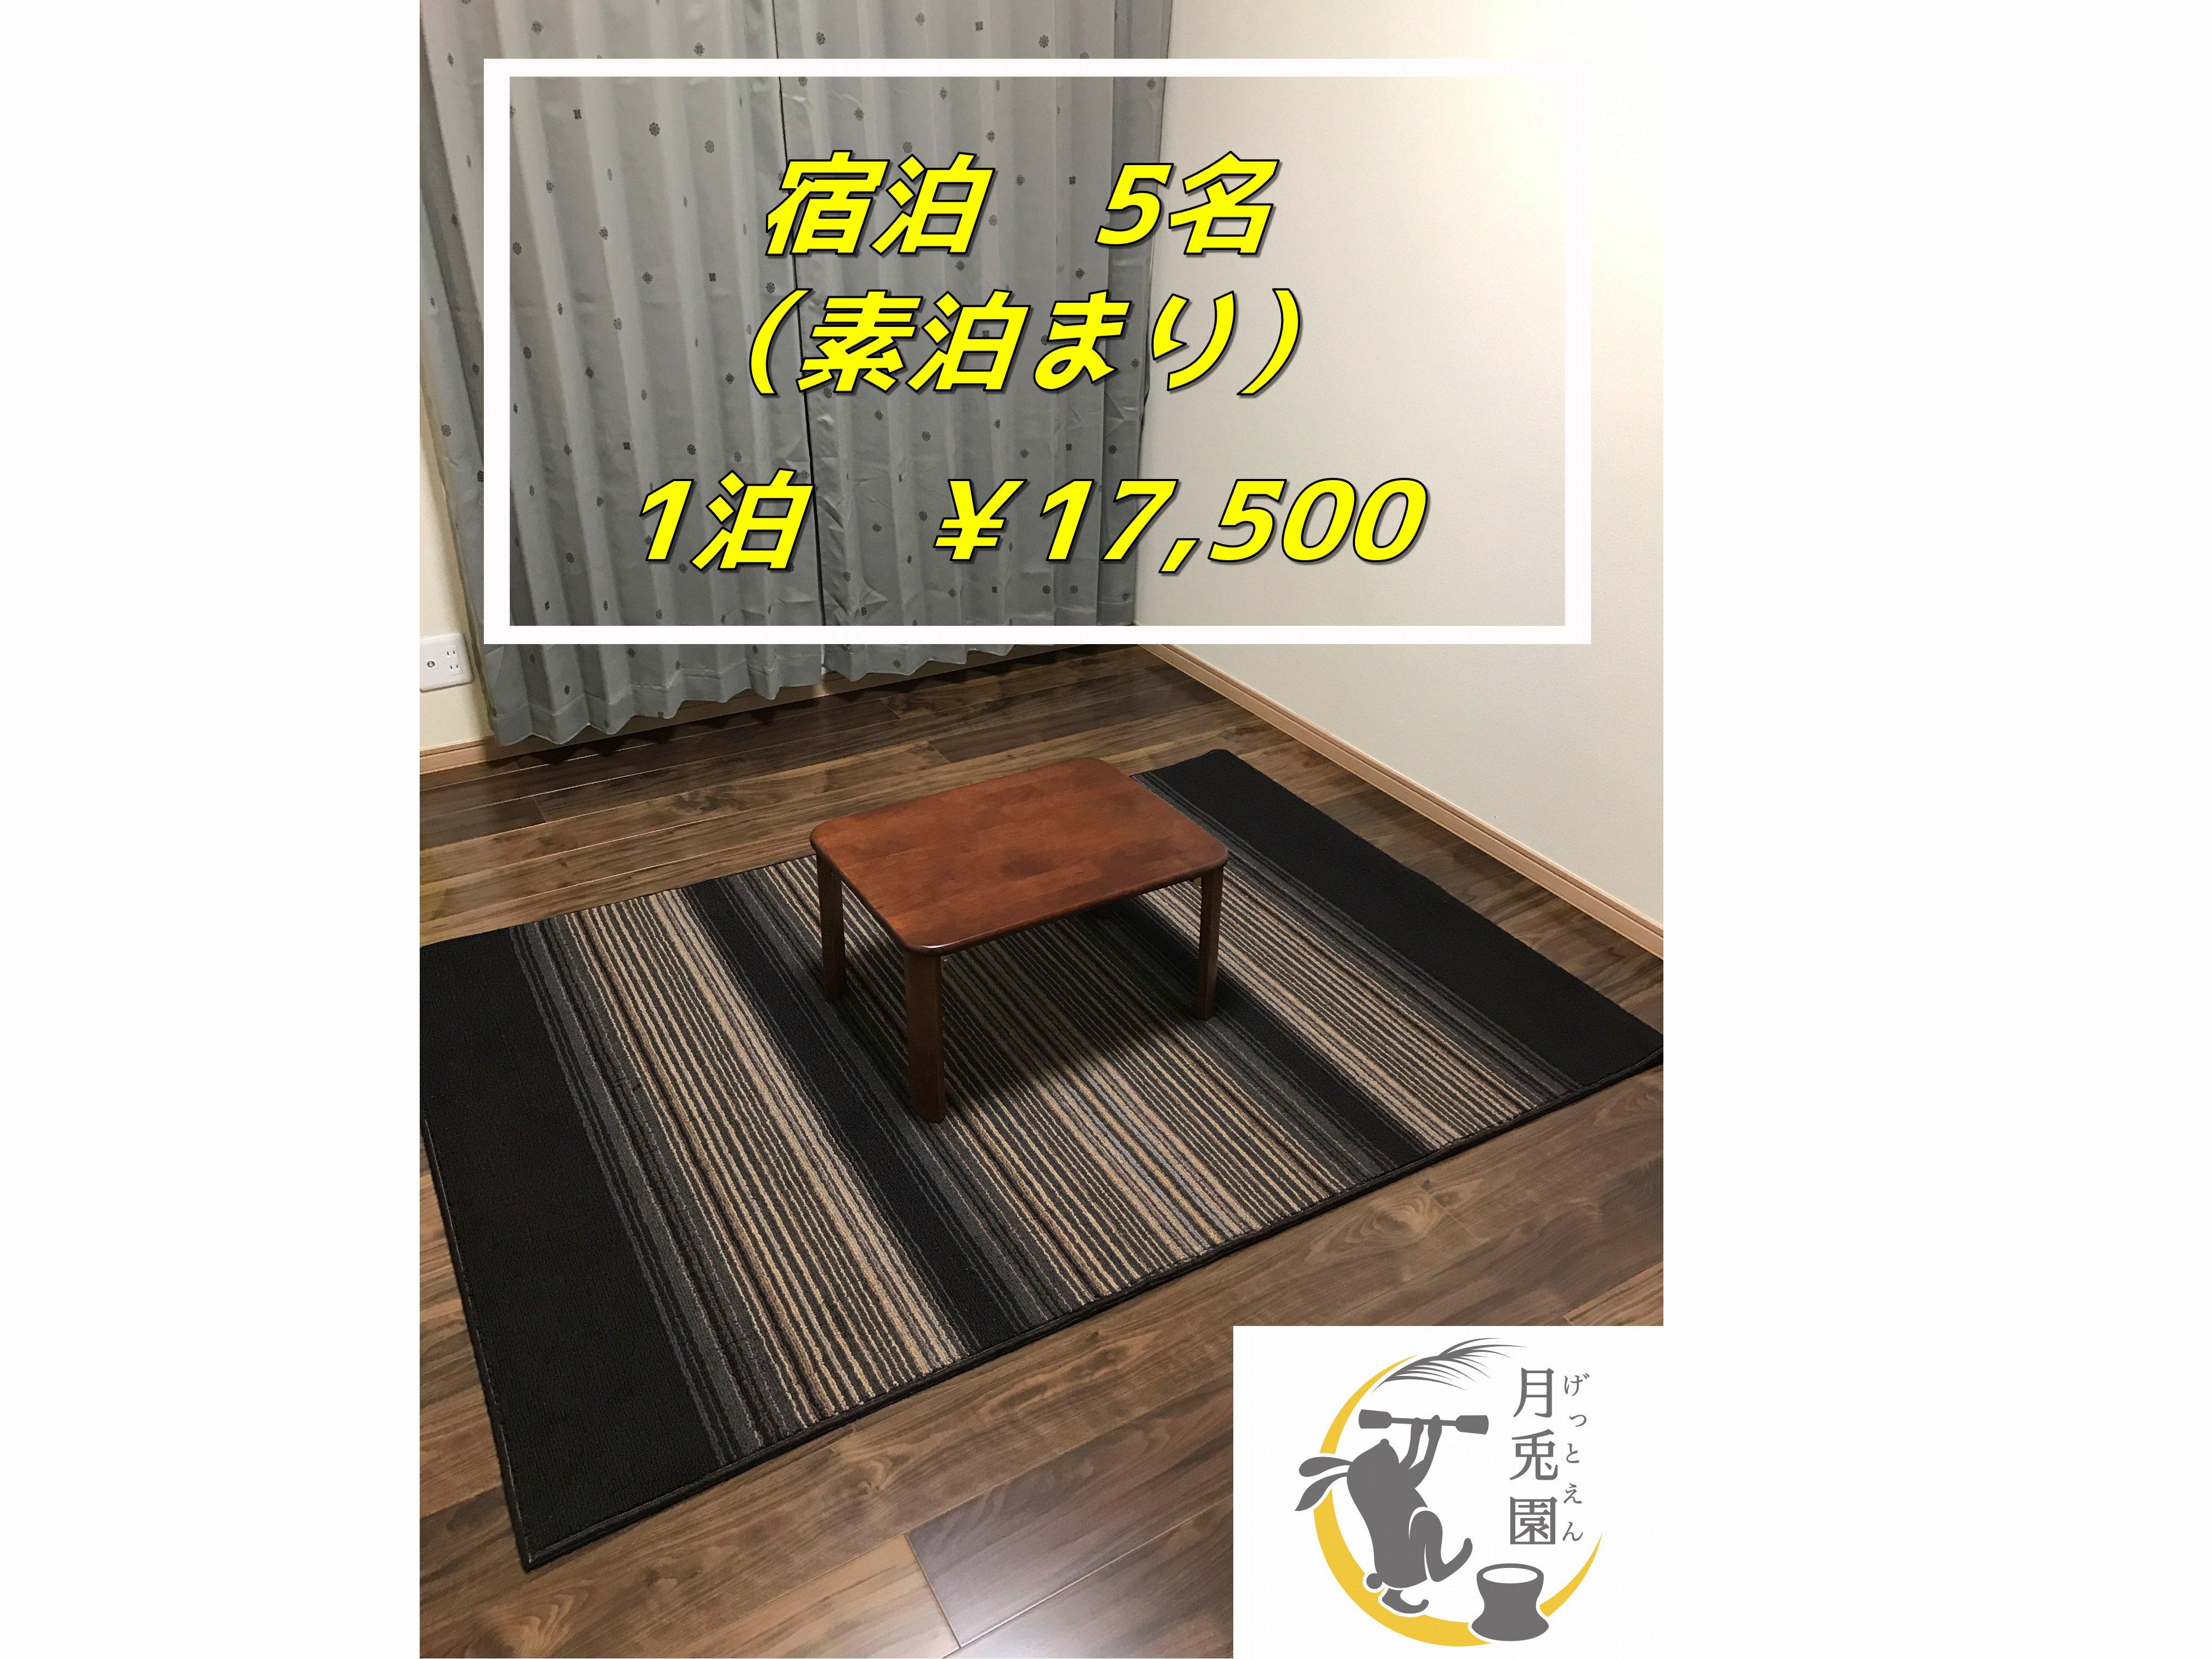 月兎園 スタジオ宿泊 5名(素泊まり)のイメージその1